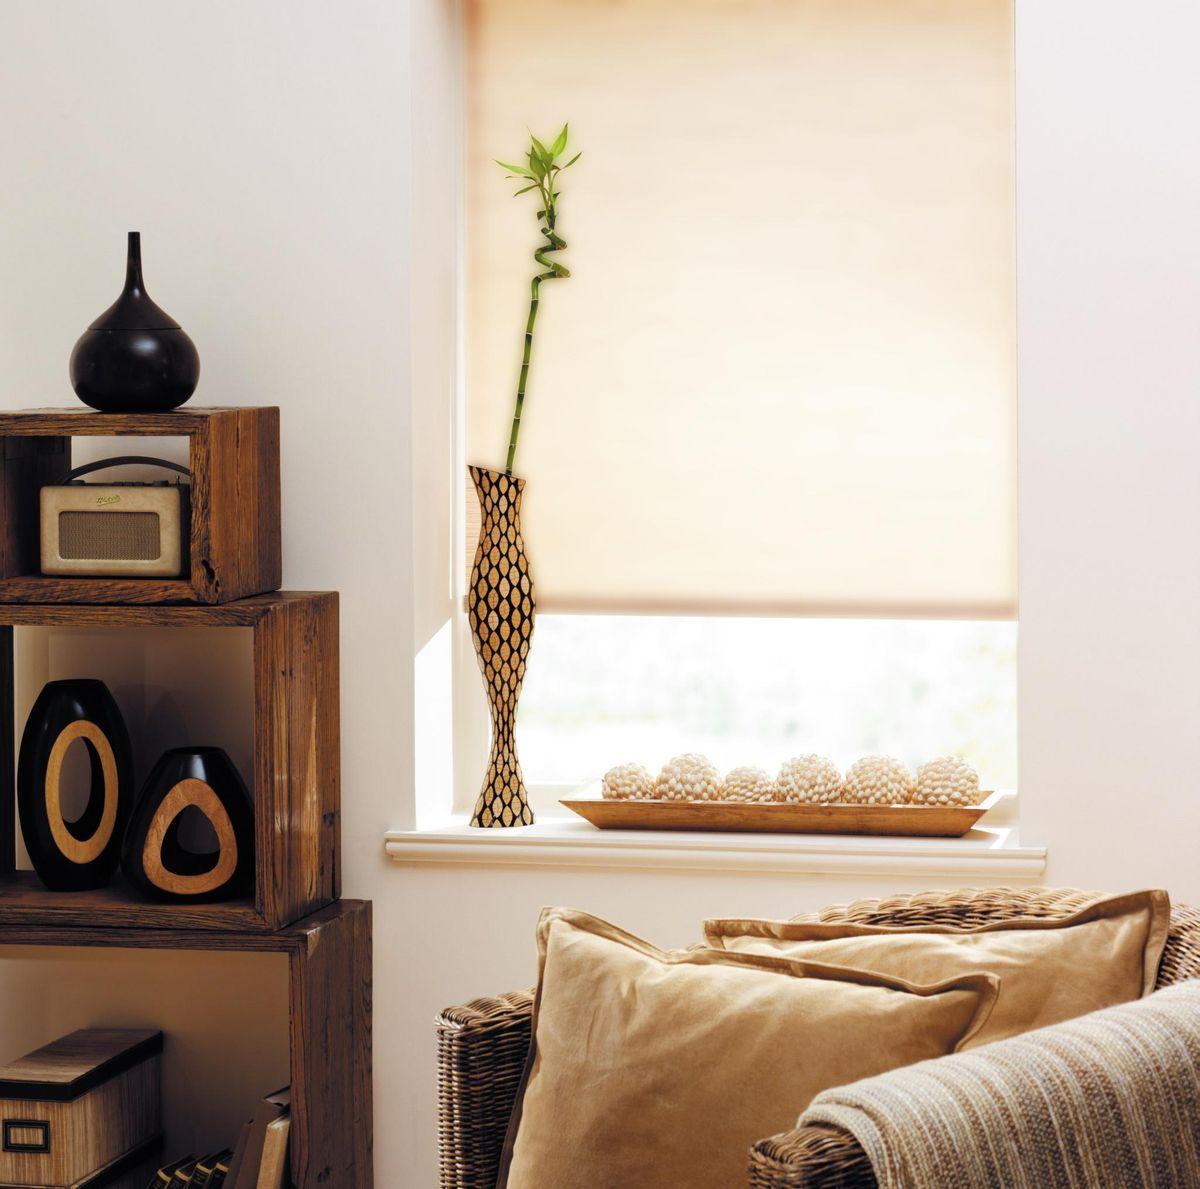 Штора рулонная Эскар, цвет: бежевый лен, ширина 60 см, высота 170 смS03301004Рулонными шторами можно оформлять окна как самостоятельно, так и использовать в комбинации с портьерами. Это поможет предотвратить выгорание дорогой ткани на солнце и соединит функционал рулонных с красотой навесных.Преимущества применения рулонных штор для пластиковых окон:- имеют прекрасный внешний вид: многообразие и фактурность материала изделия отлично смотрятся в любом интерьере; - многофункциональны: есть возможность подобрать шторы способные эффективно защитить комнату от солнца, при этом о на не будет слишком темной. - Есть возможность осуществить быстрый монтаж. ВНИМАНИЕ! Размеры ширины изделия указаны по ширине ткани!Во время эксплуатации не рекомендуется полностью разматывать рулон, чтобы не оторвать ткань от намоточного вала.В случае загрязнения поверхности ткани, чистку шторы проводят одним из способов, в зависимости от типа загрязнения: легкое поверхностное загрязнение можно удалить при помощи канцелярского ластика; чистка от пыли производится сухим методом при помощи пылесоса с мягкой щеткой-насадкой; для удаления пятна используйте мягкую губку с пенообразующим неагрессивным моющим средством или пятновыводитель на натуральной основе (нельзя применять растворители).